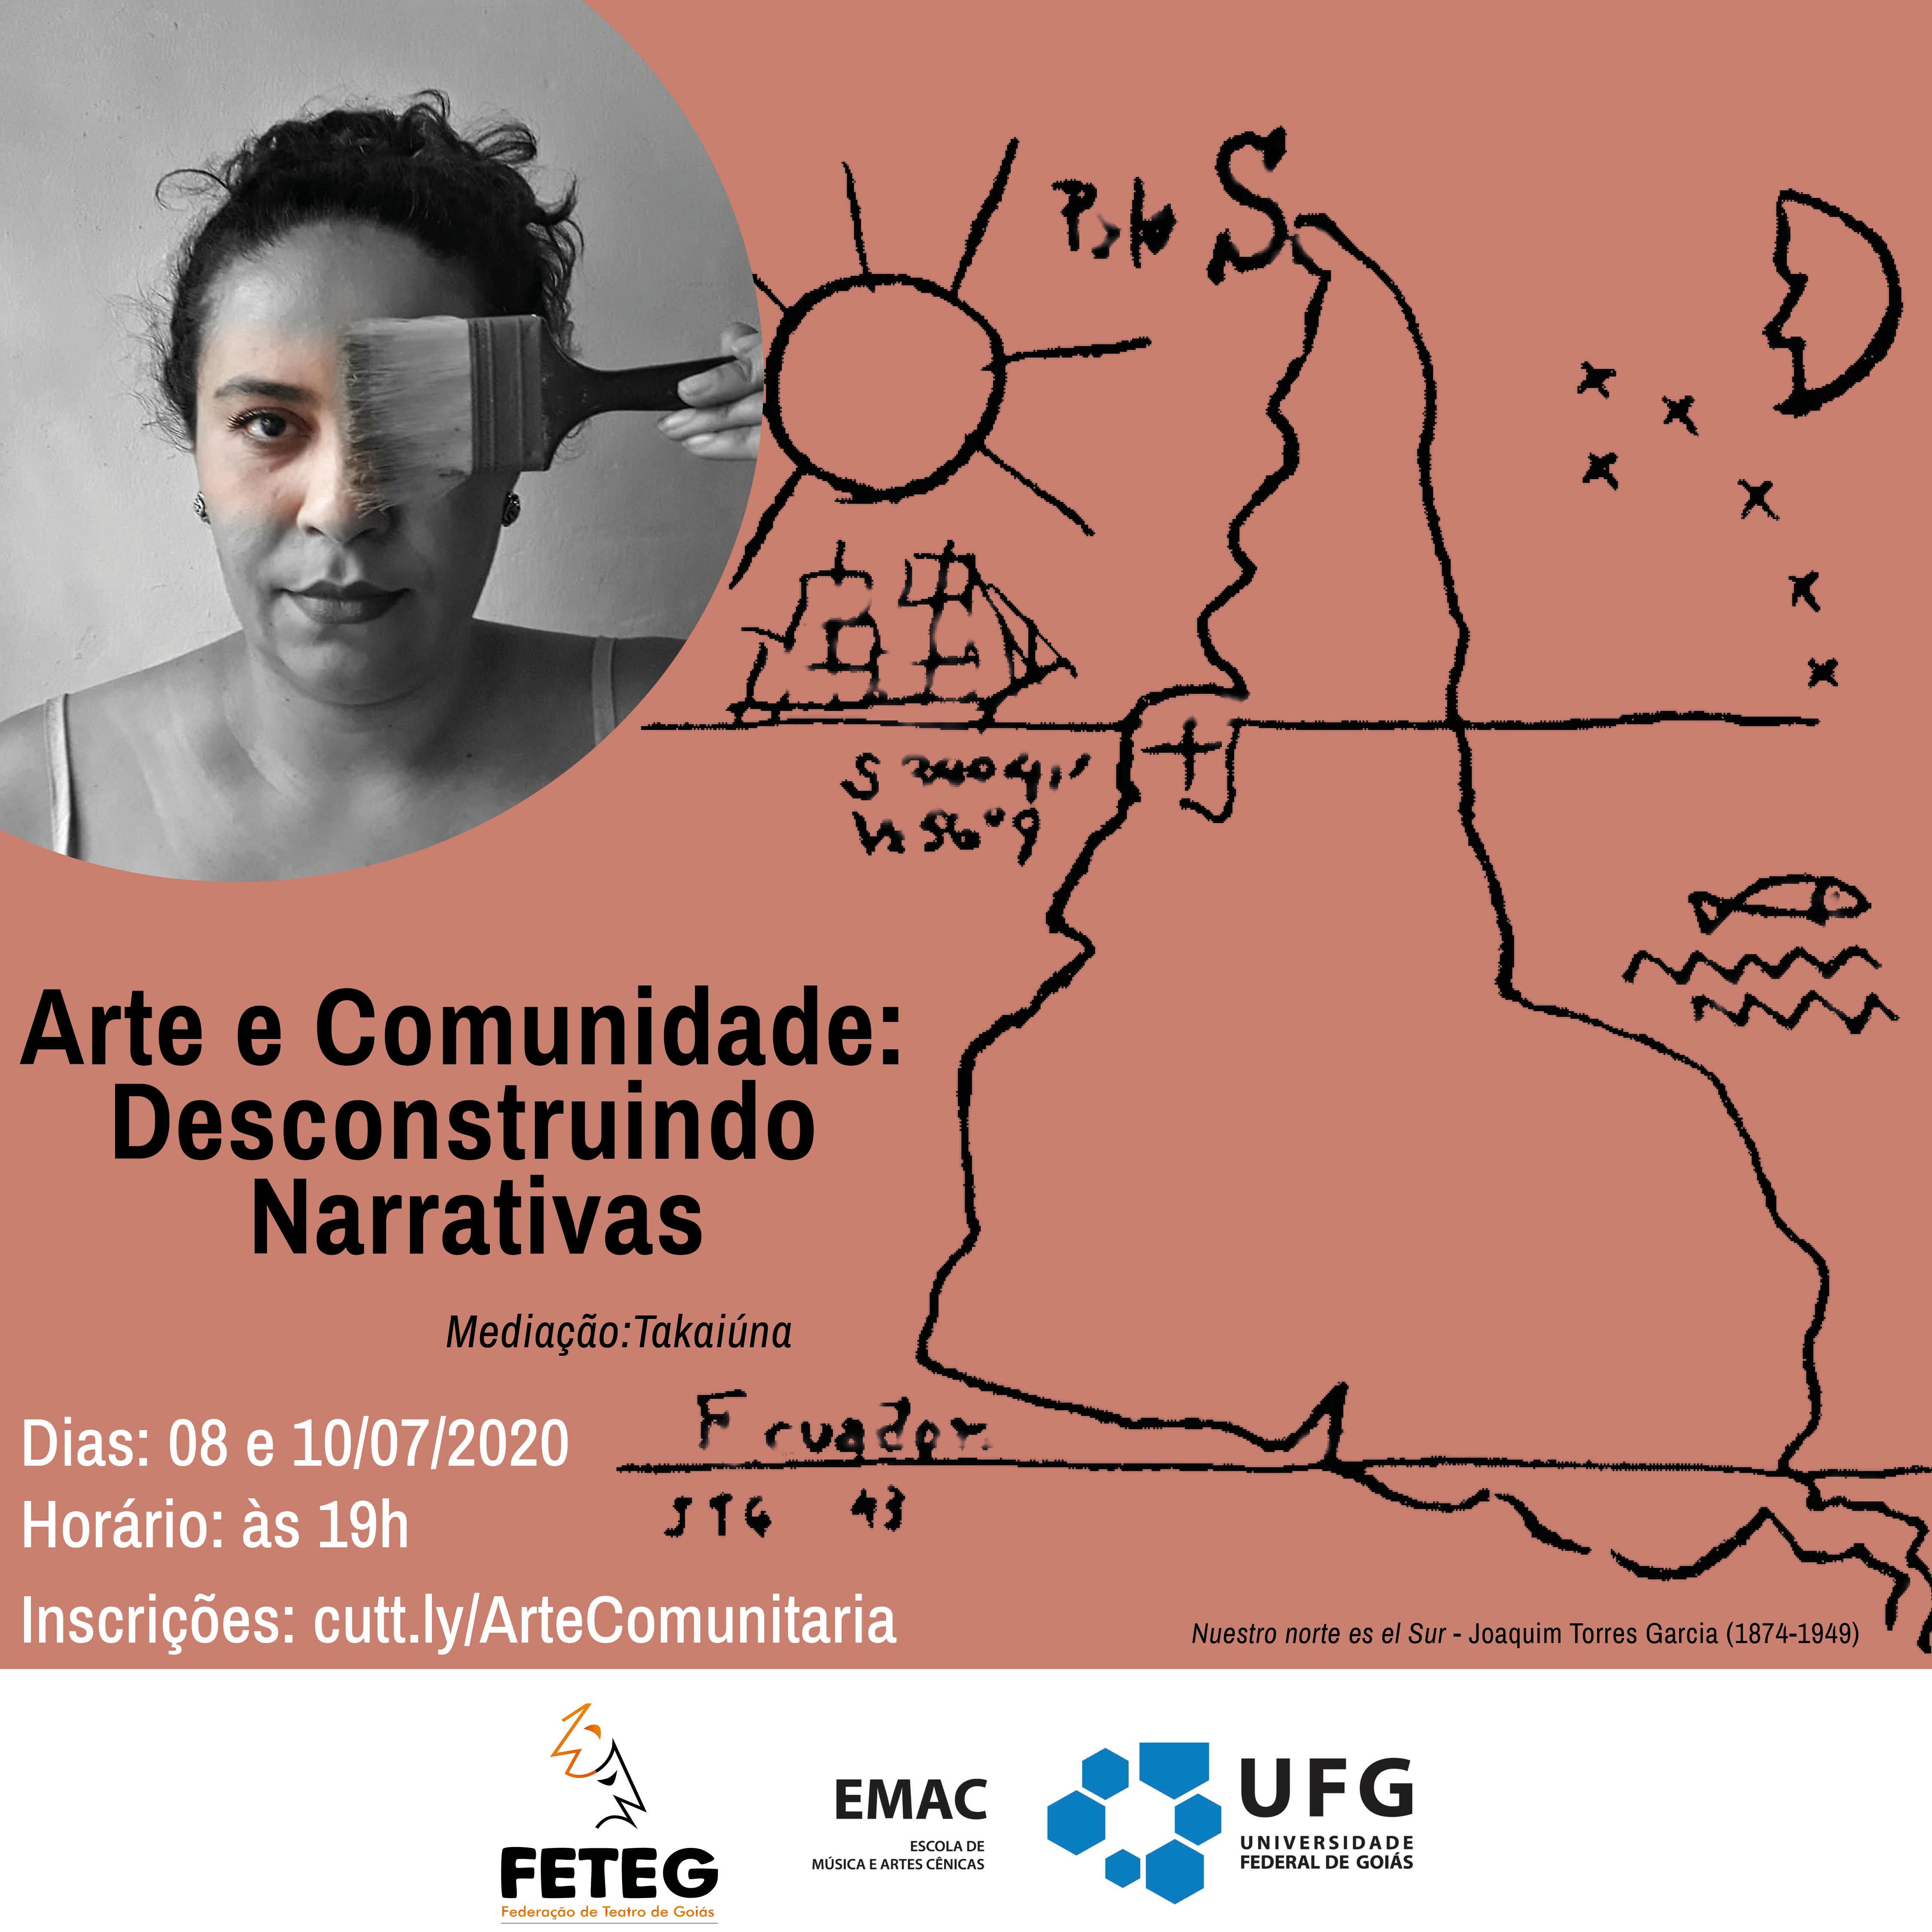 Arte e Comunidade: Desconstruindo Narrativas